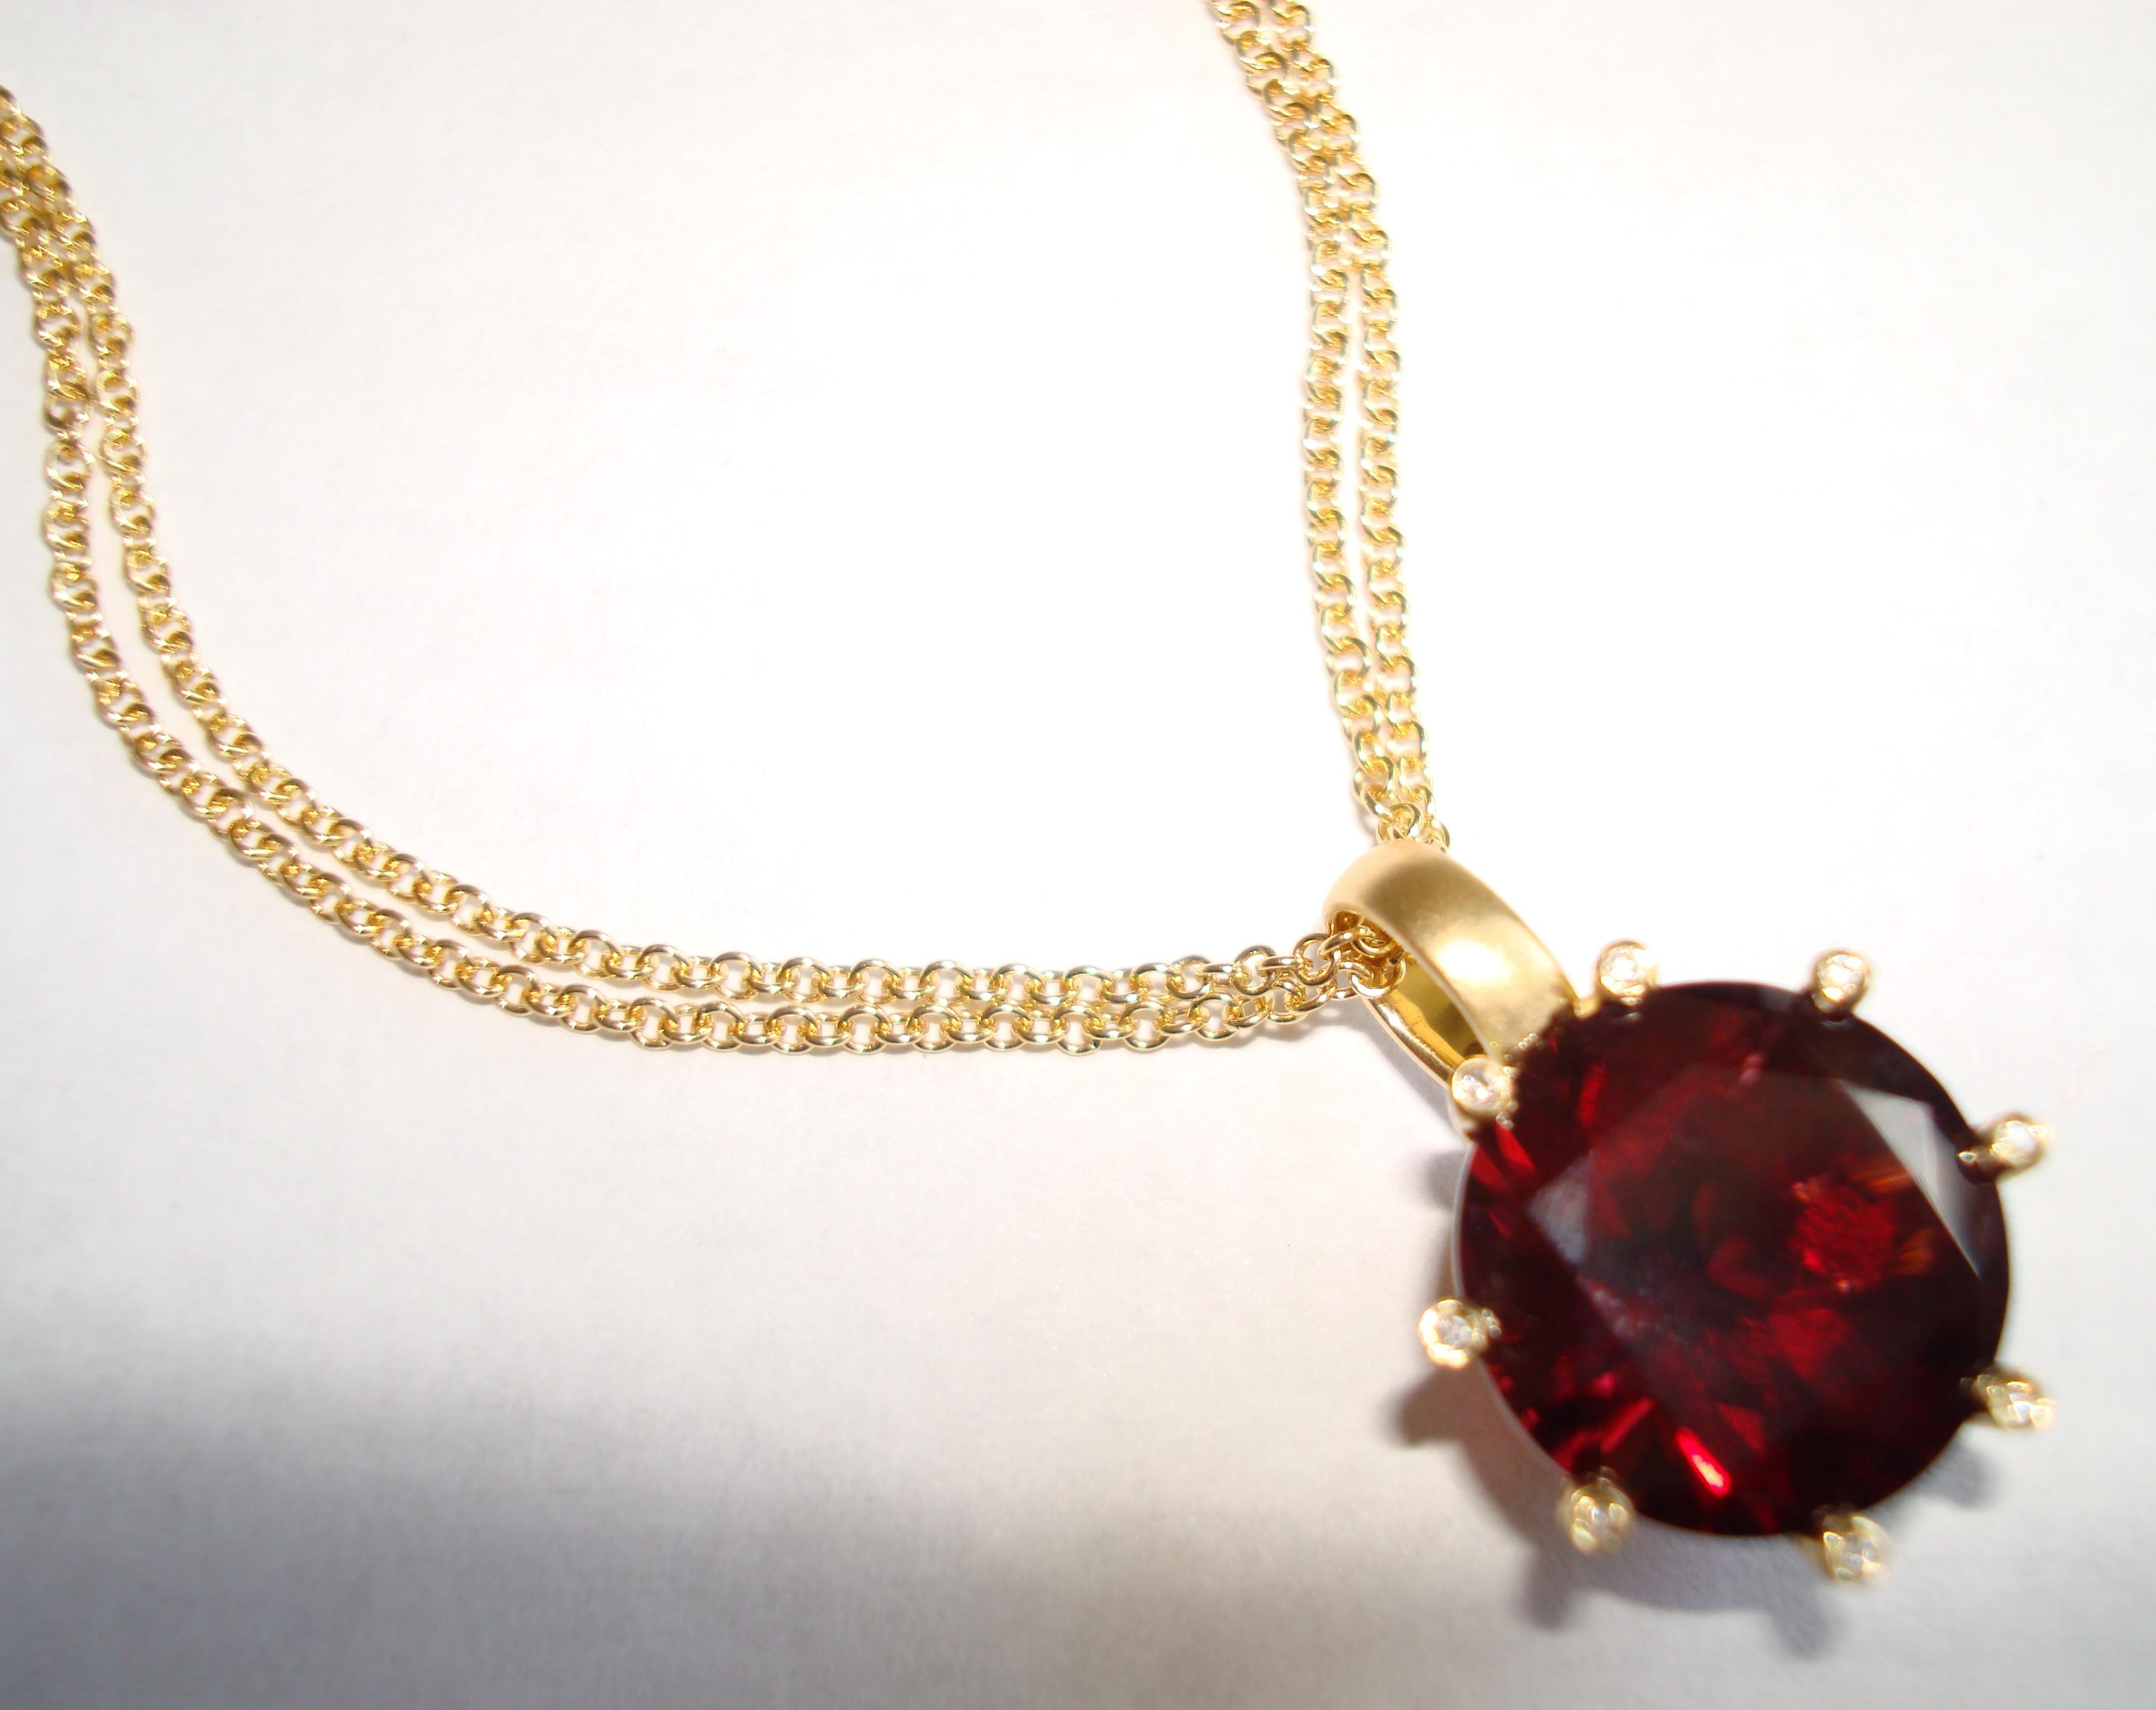 Jennifer tuton jewelry